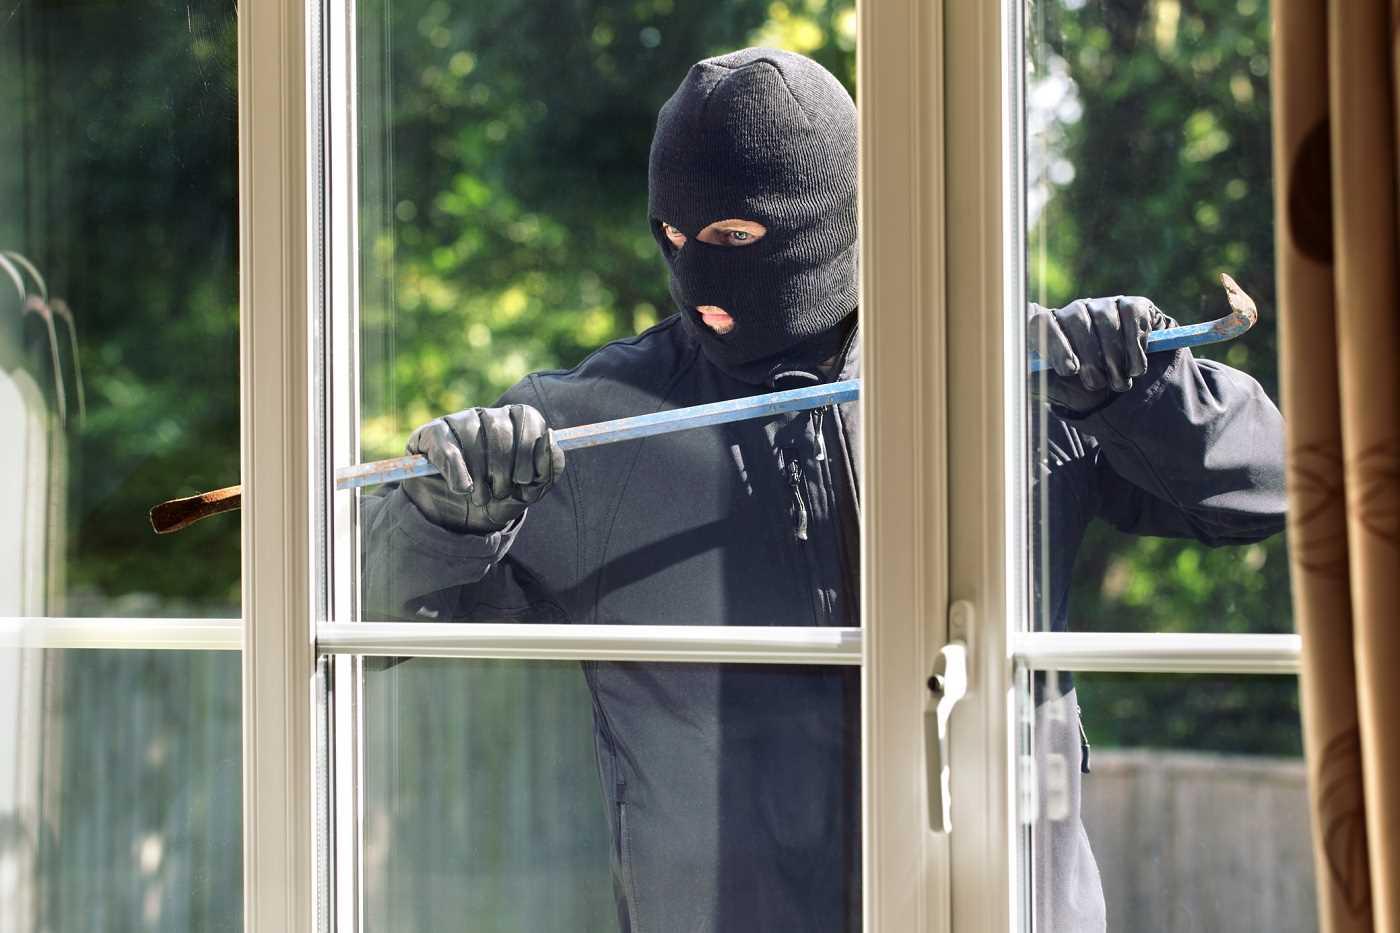 Le cambrioleur a reconnu s'être introduit dans la maison par une porte-fenêtre - Illustration © iStock